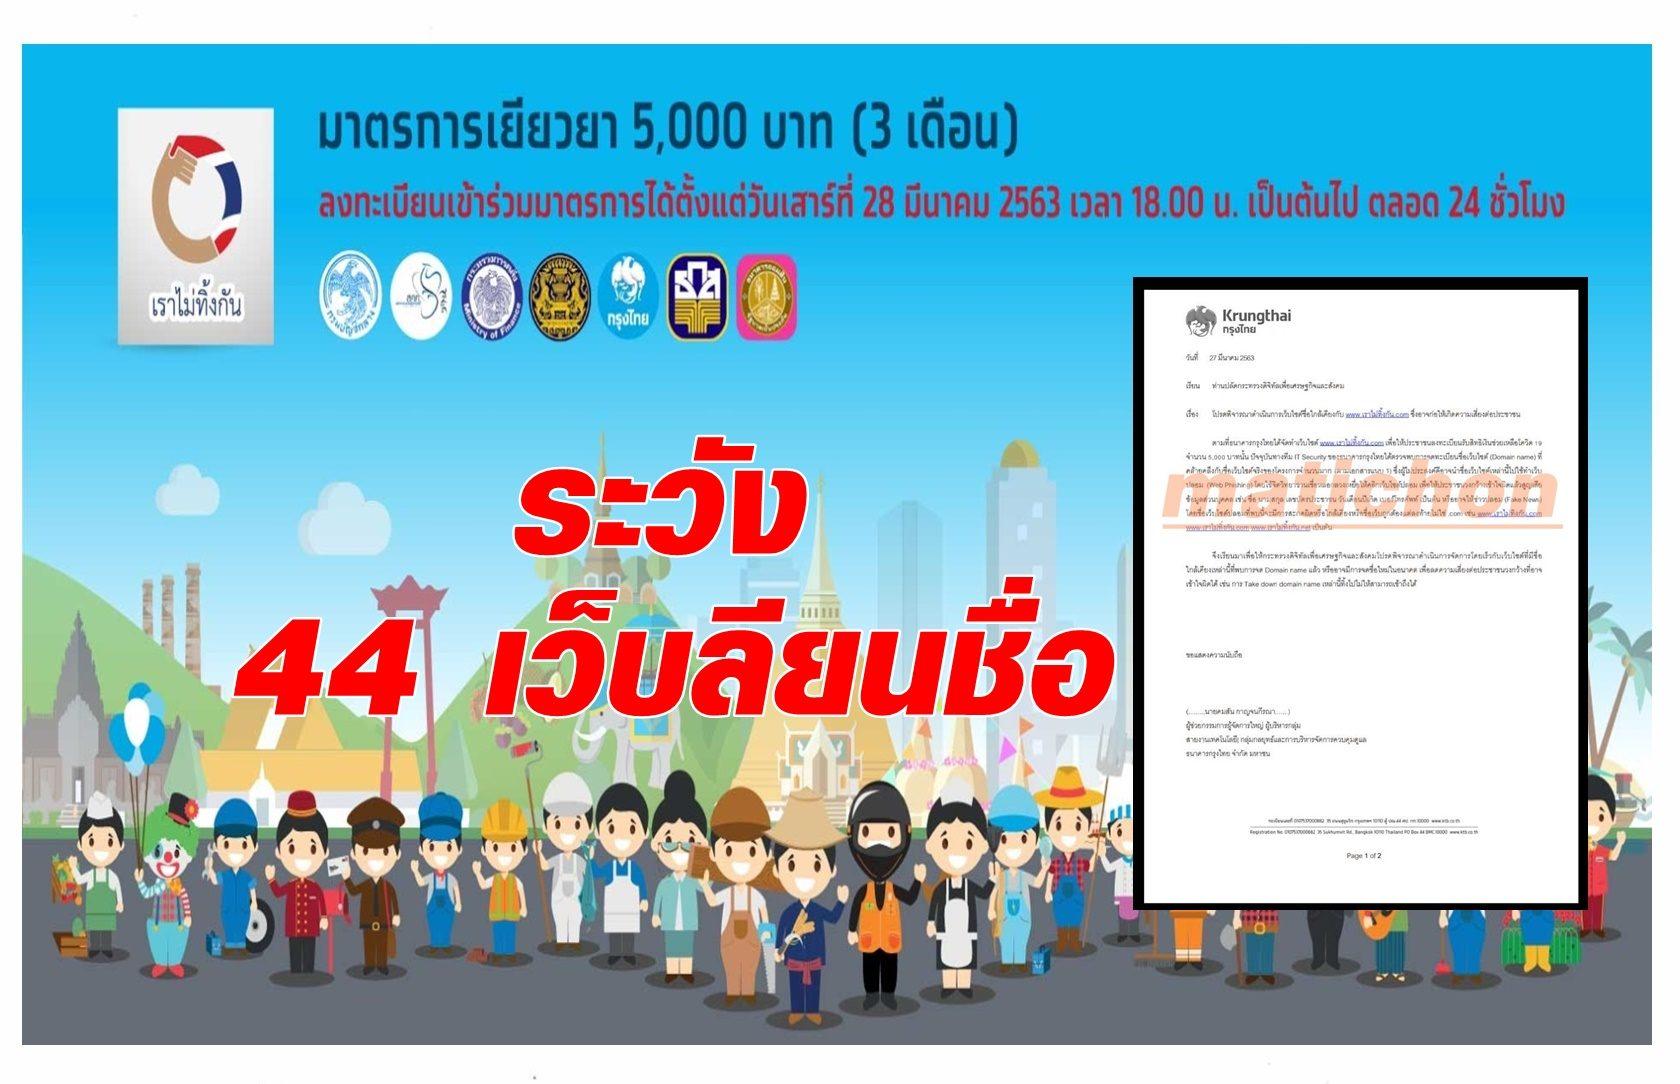 """อย่าหลงเชื่อ!! เว็บเลียนชื่อ """"เราไม่ทิ้งกัน"""" โผล่อื้อ 44 เว็บ กรุงไทย ร้องดีอีเอส เร่งจัดการ"""